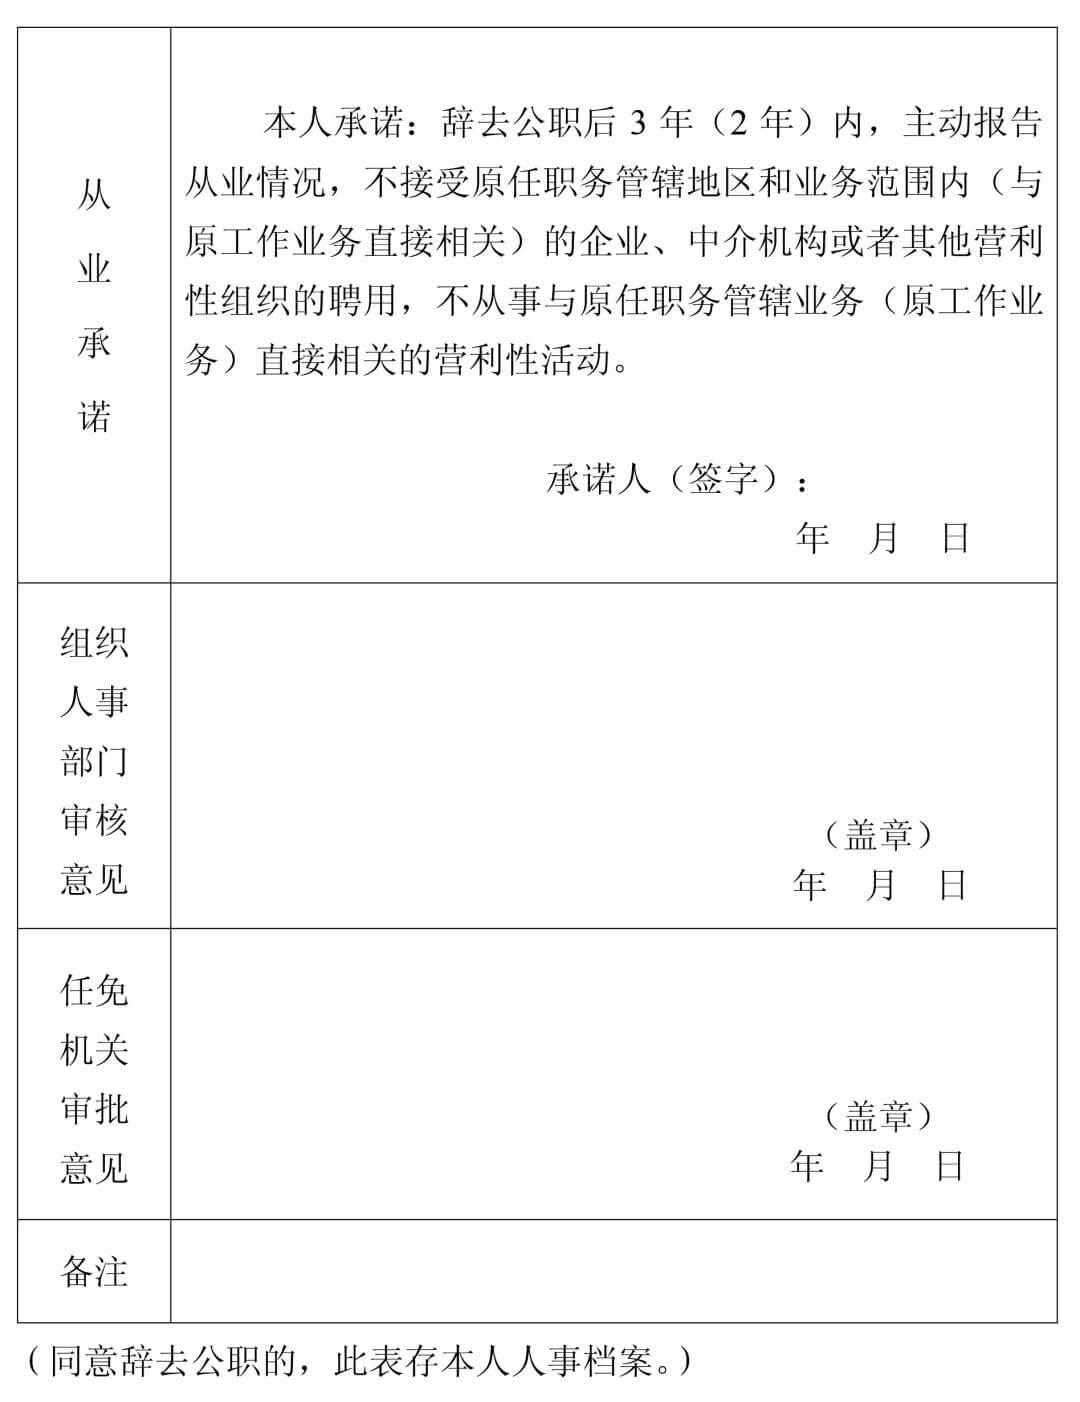 中组部发布公务员辞去公职最新规定(附申请表)